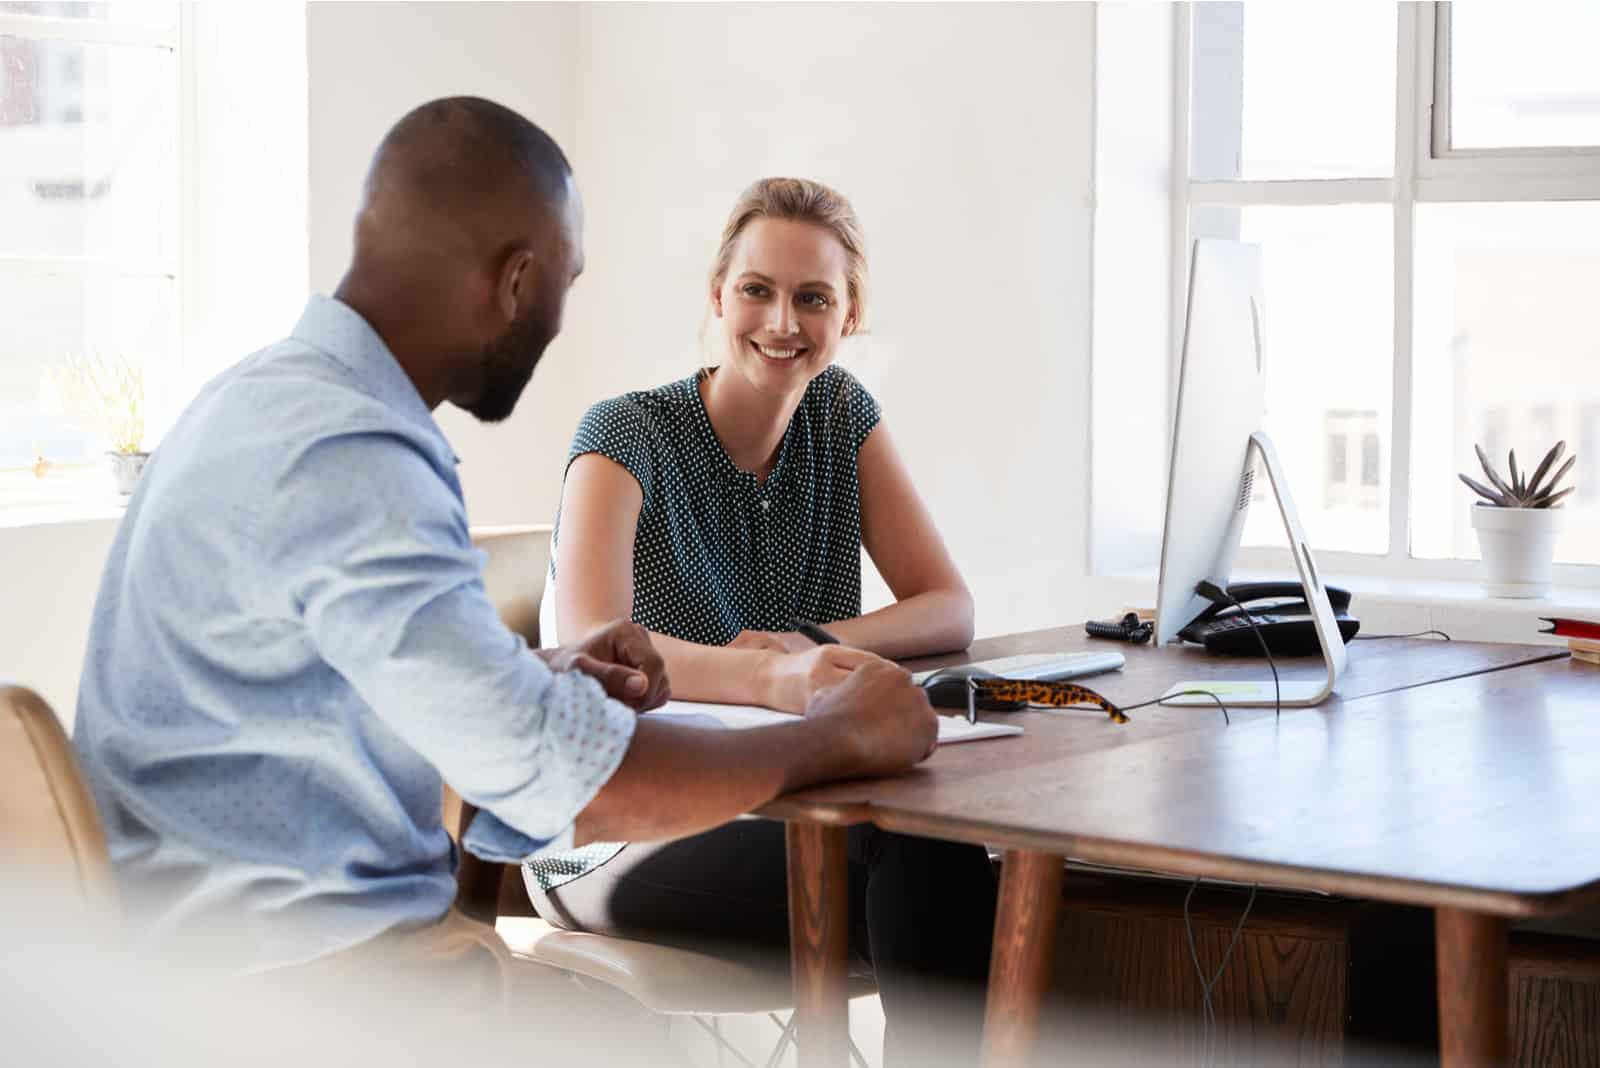 un homme et une femme discutent au travail